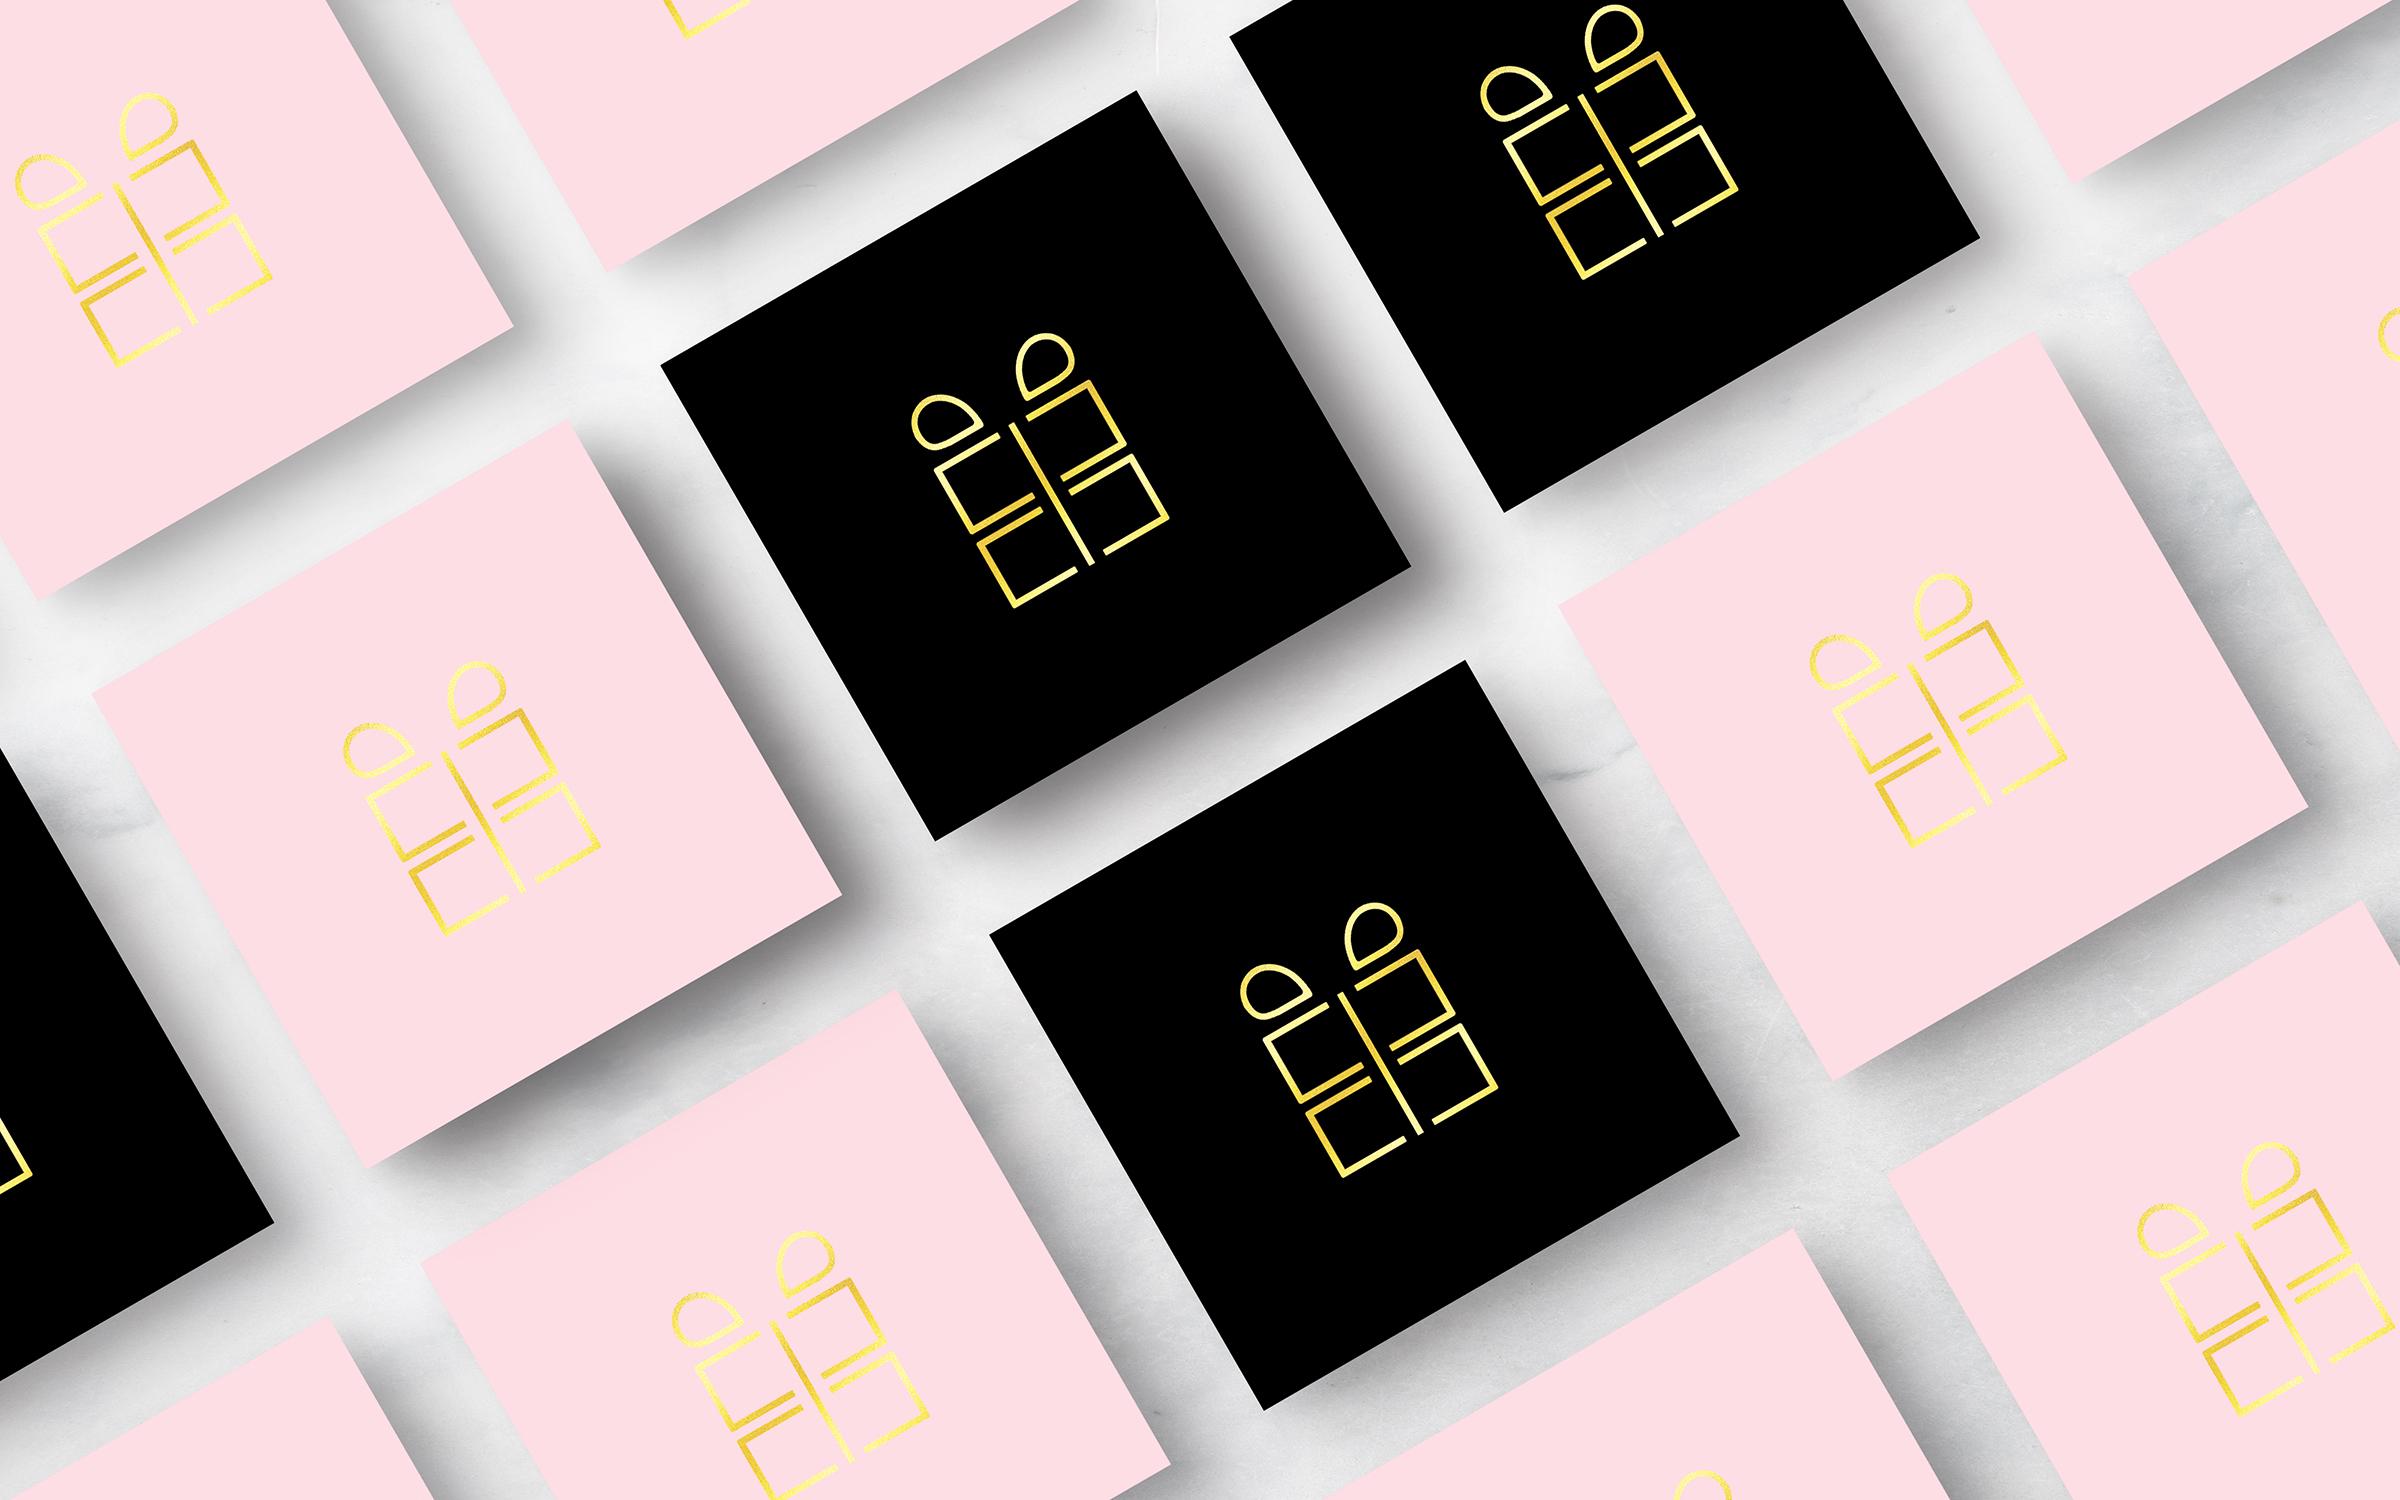 Square Business Card Mock-Up V1 - 2.jpg